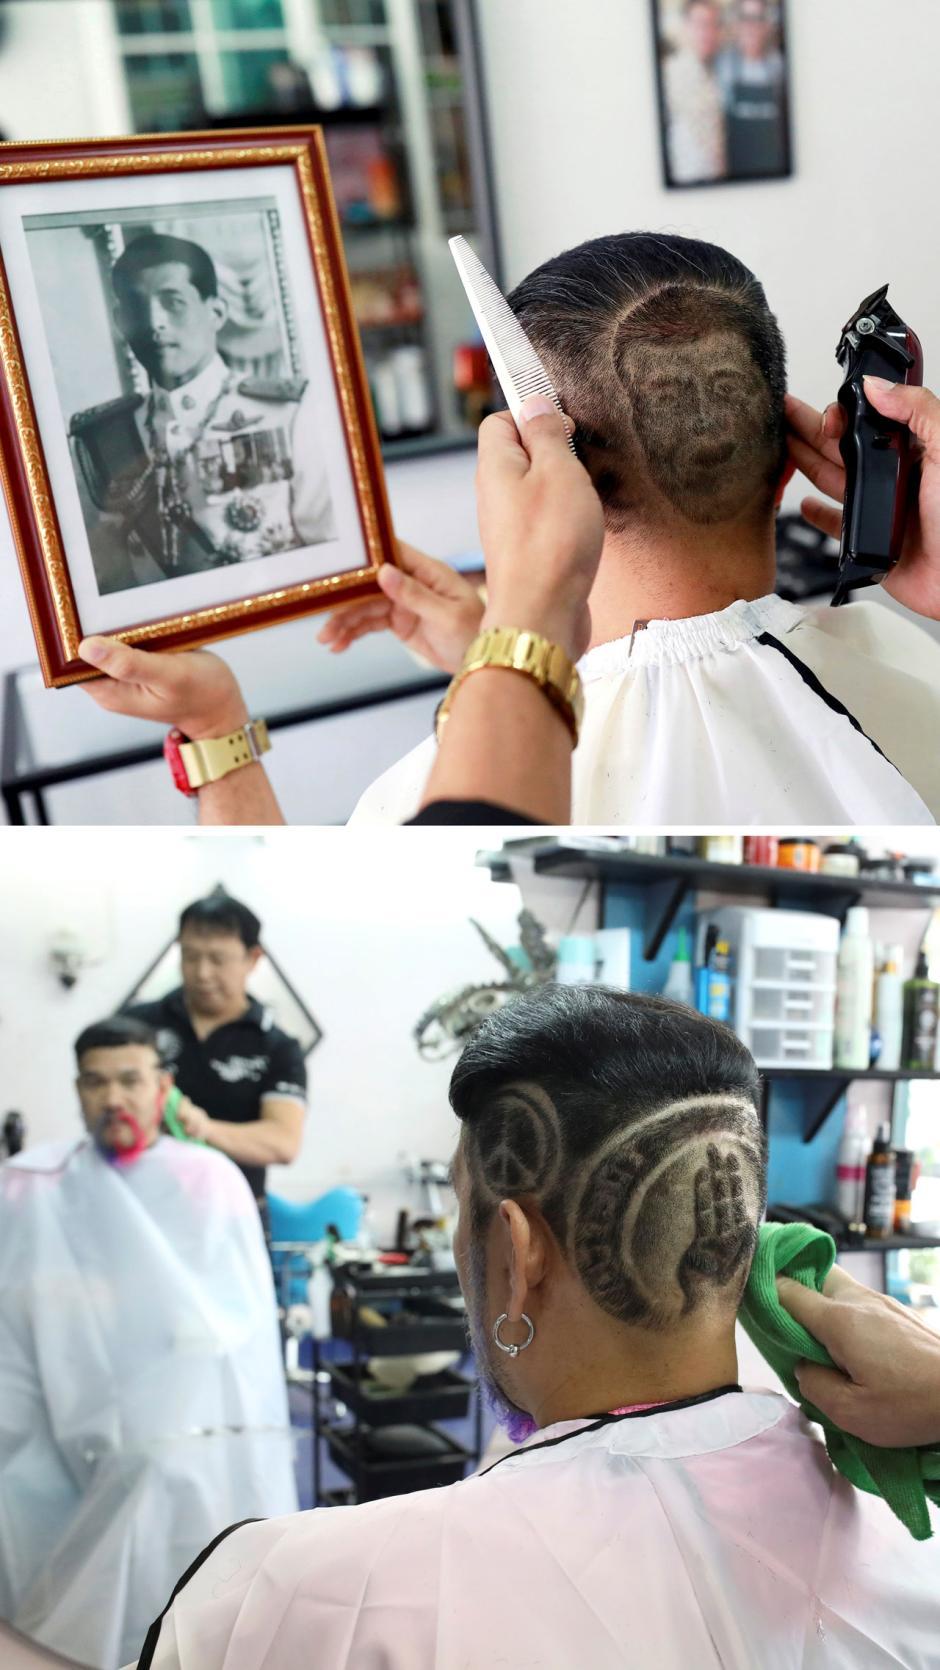 Begini Gaya Rambut Mantan Pendukung Raja Thailand yang Kini Berubah Jadi Anti Pemerintah-1